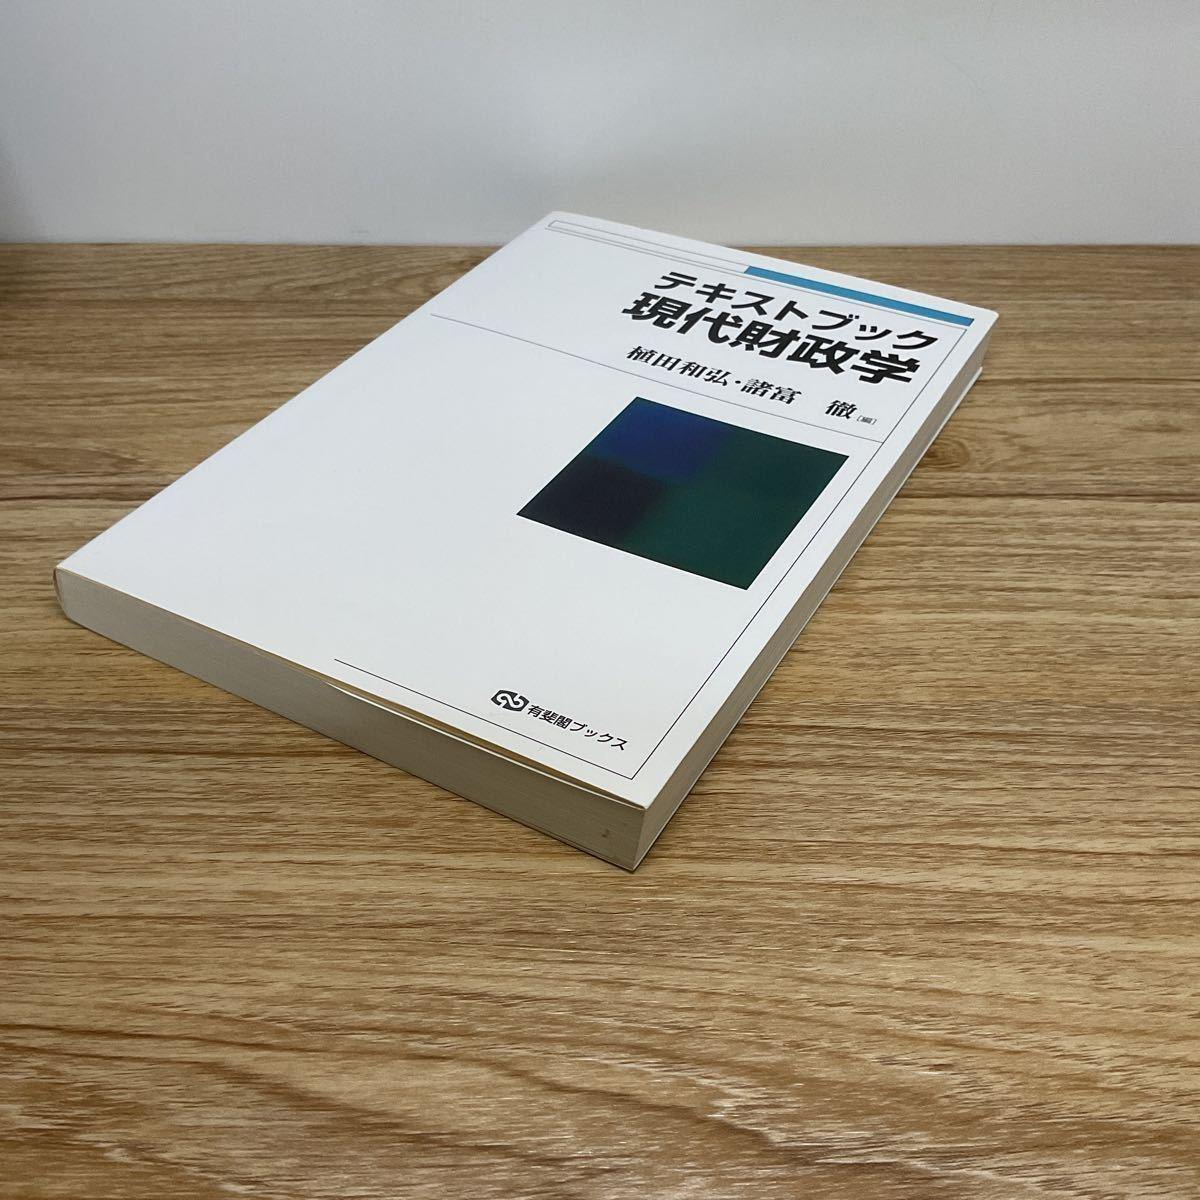 テキストブック 現代財政学